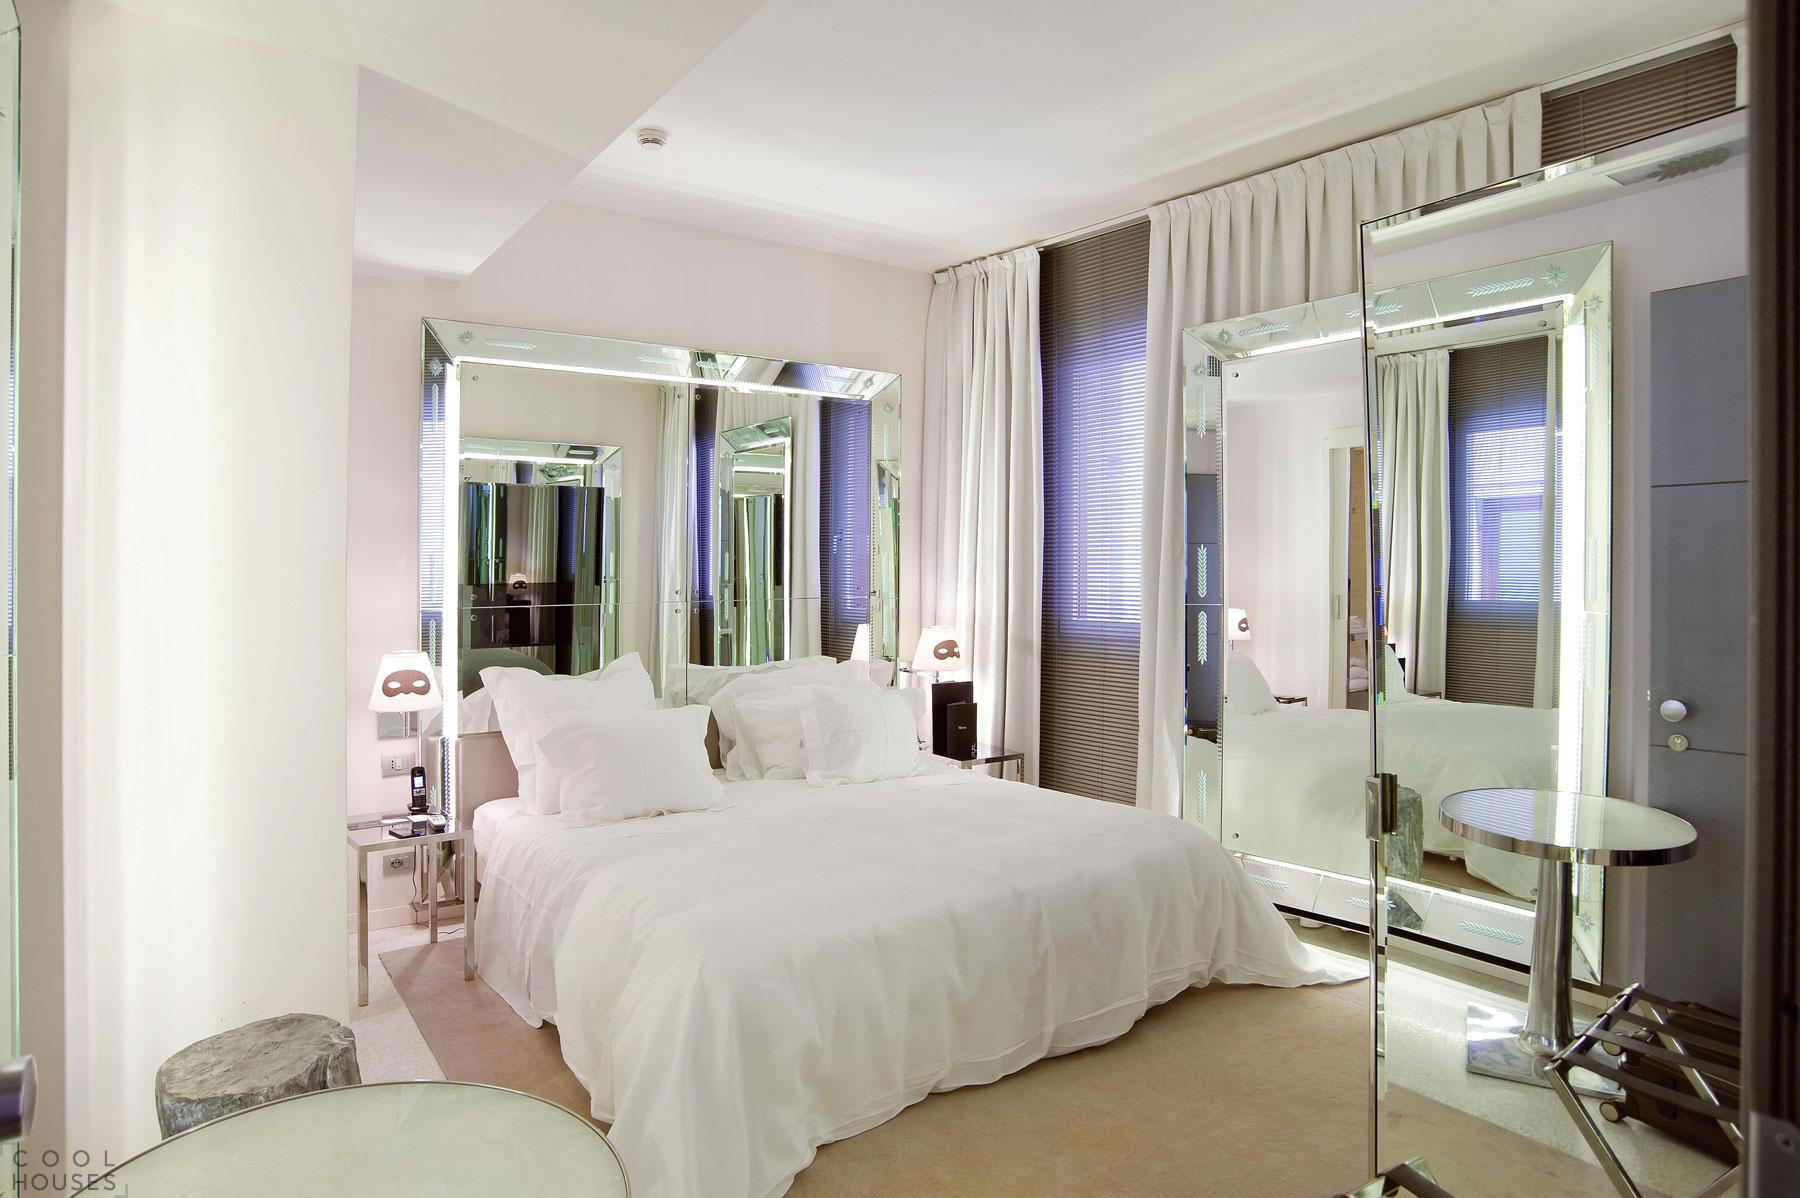 Фешенебельный отель Palazzina G в Венеции, Италия